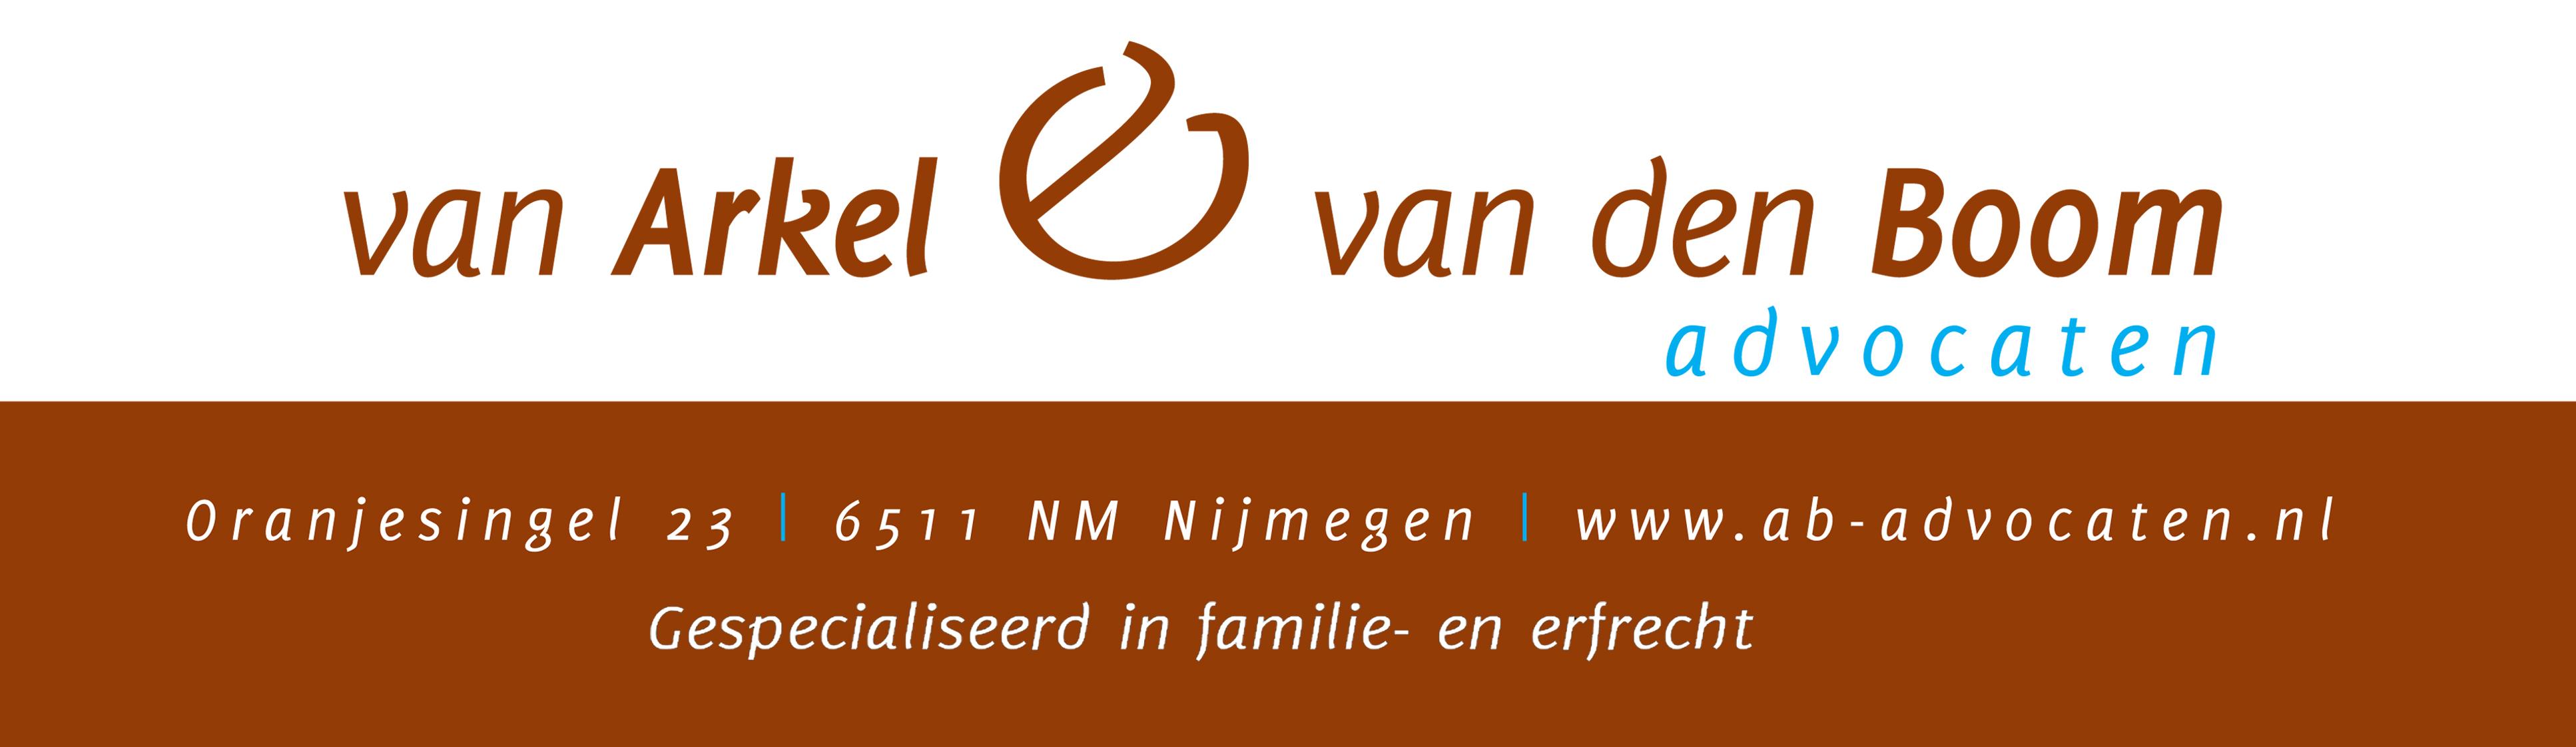 van Arkel van den Boom advocaten